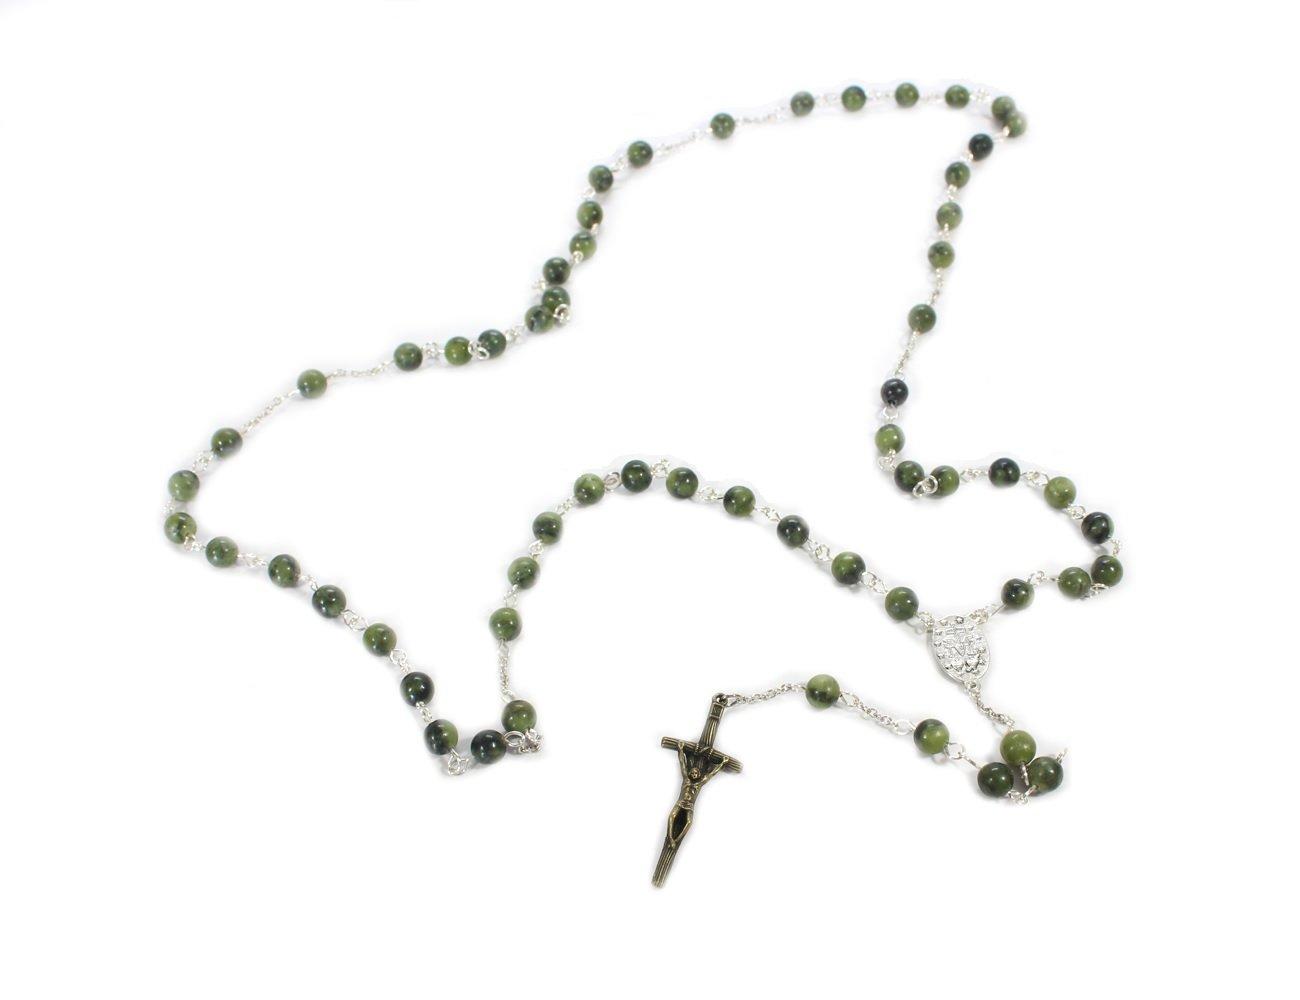 Connemara Marble Irish Rosary Made in Ireland